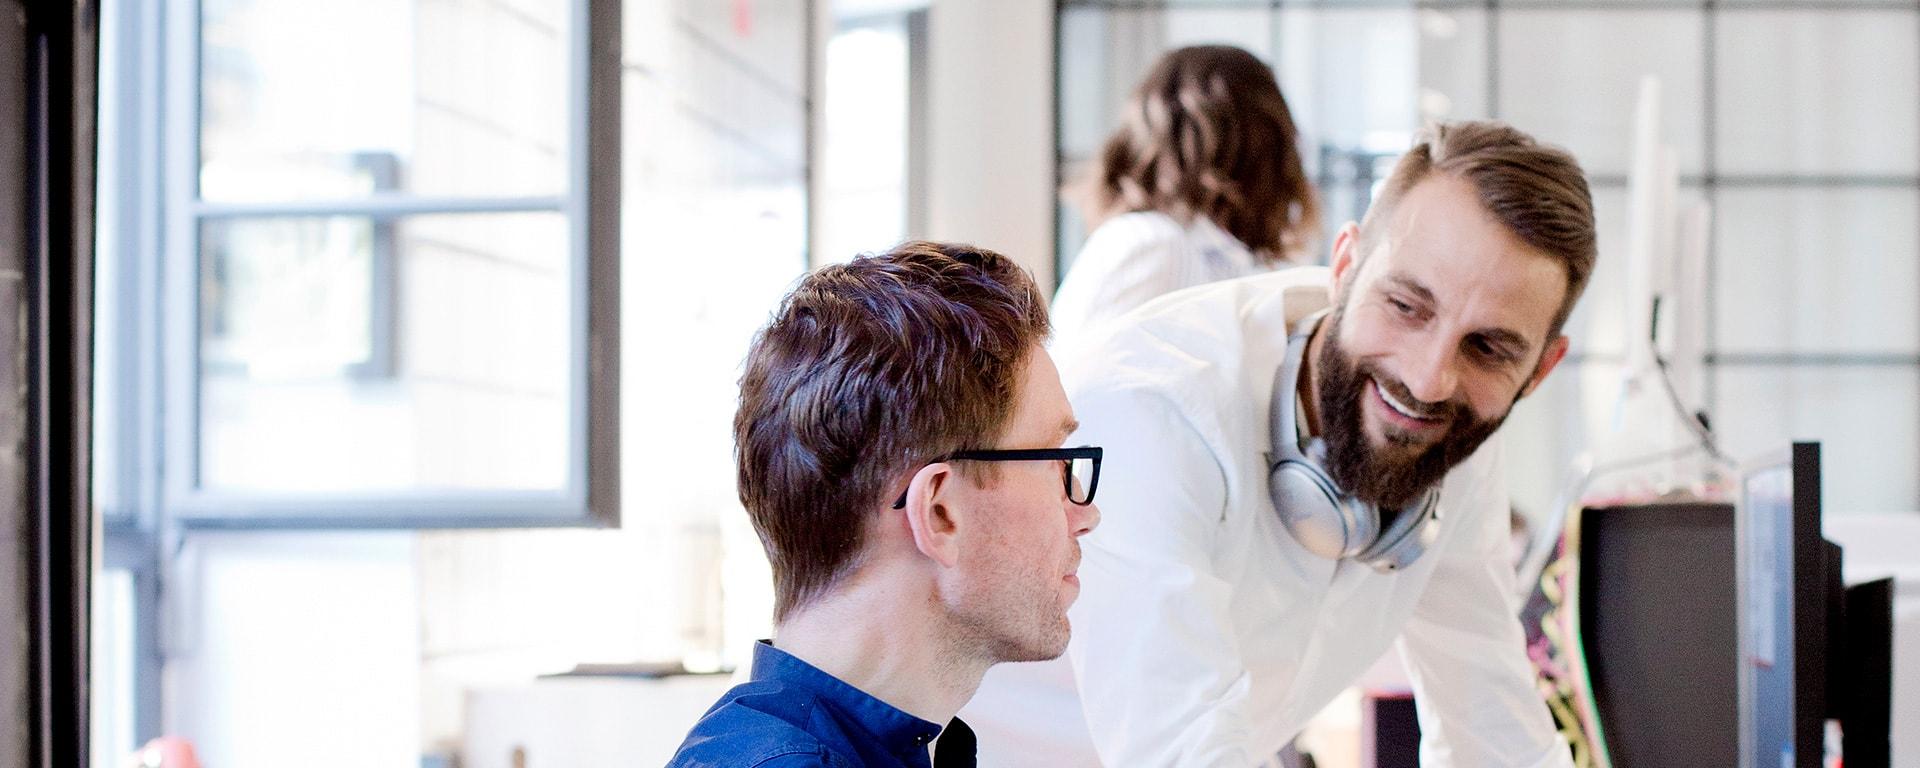 HR-Transformation vorantreiben mit SAP SuccessFactors